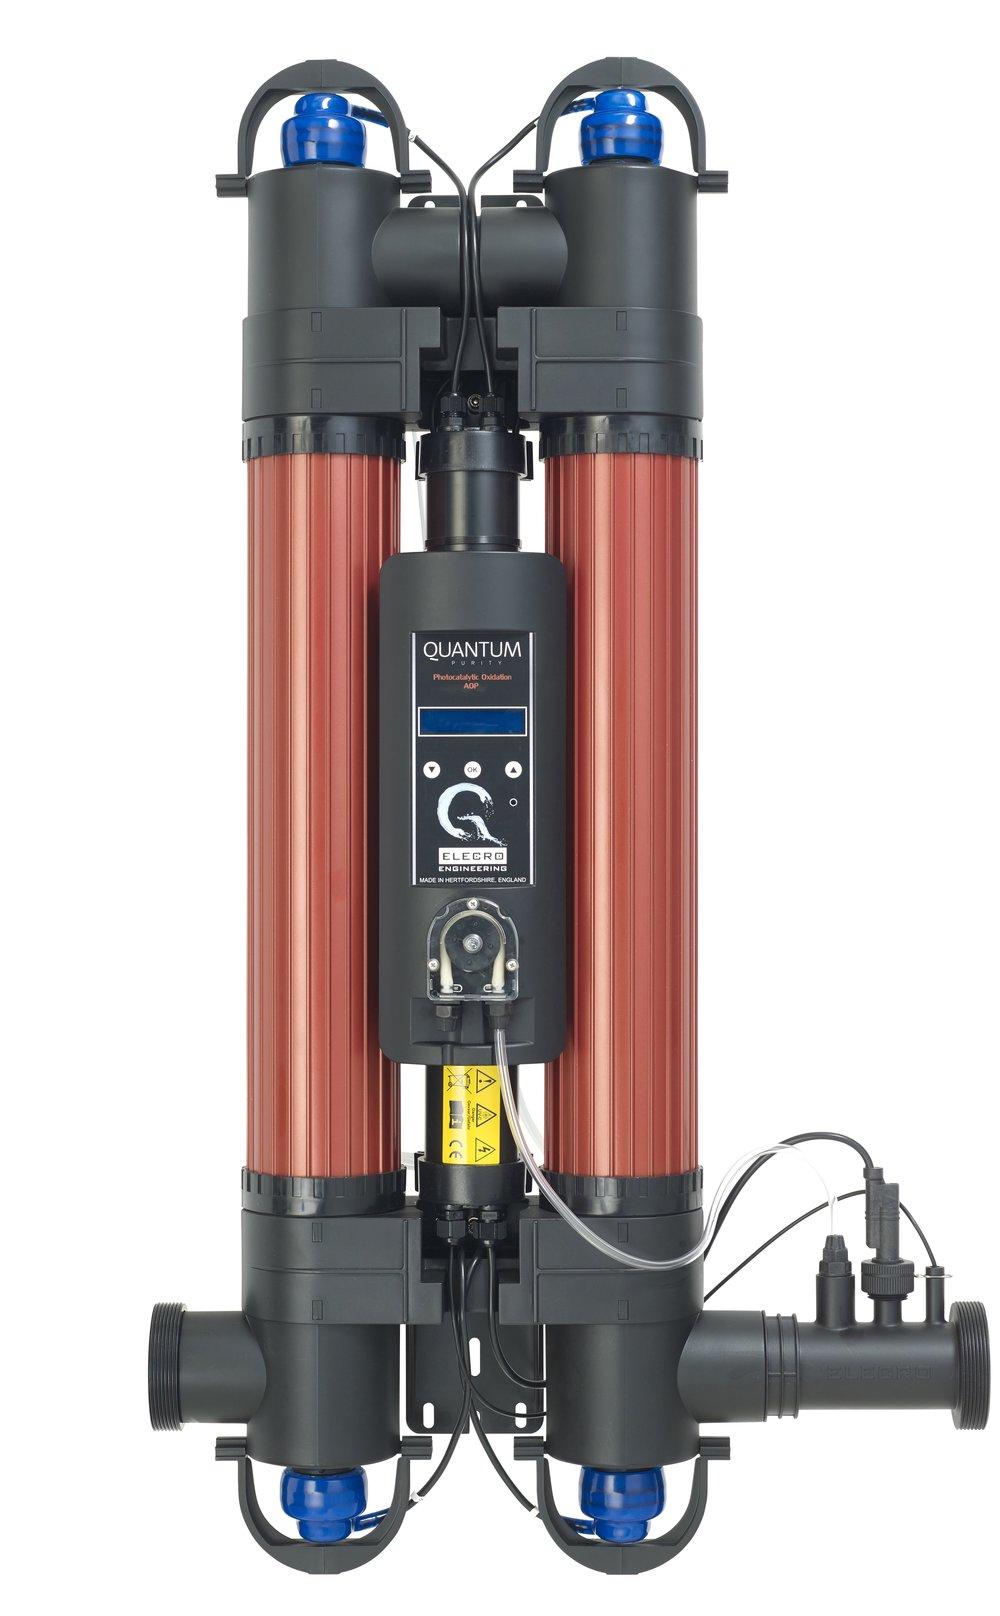 QUANTUM doppia lampada + pompa dosatrice e indicatore durata Lampada